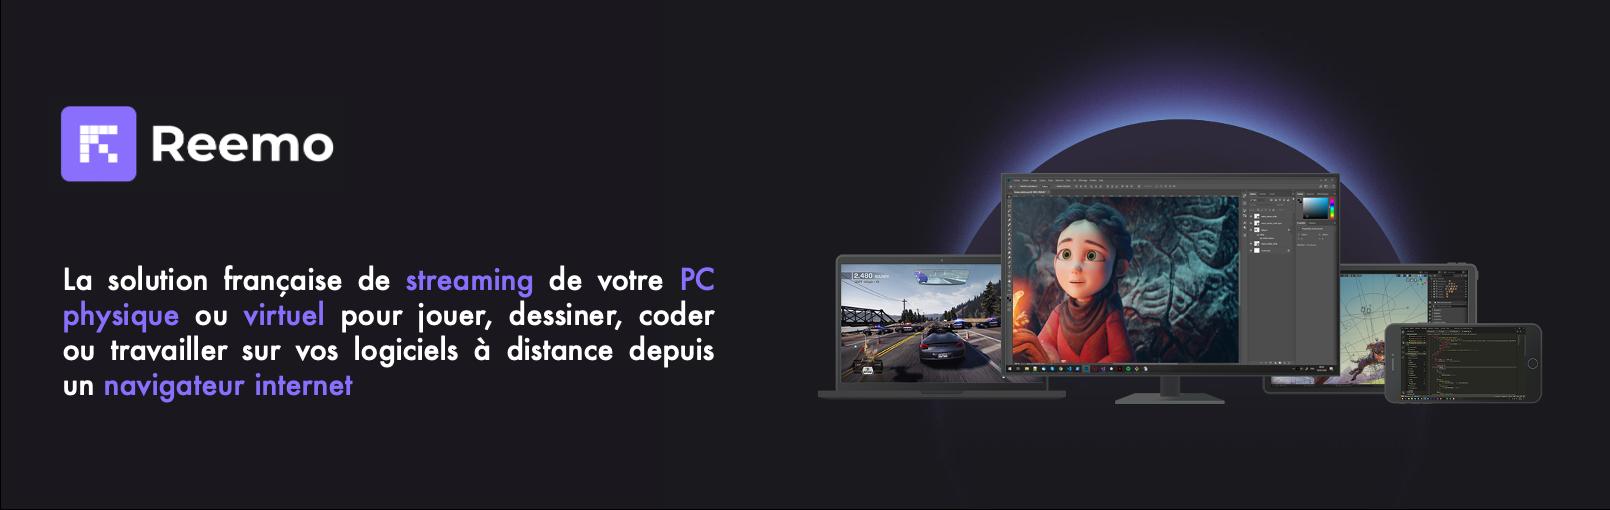 Avis Reemo : La solution de streaming de votre PC physique ou virtuel - appvizer